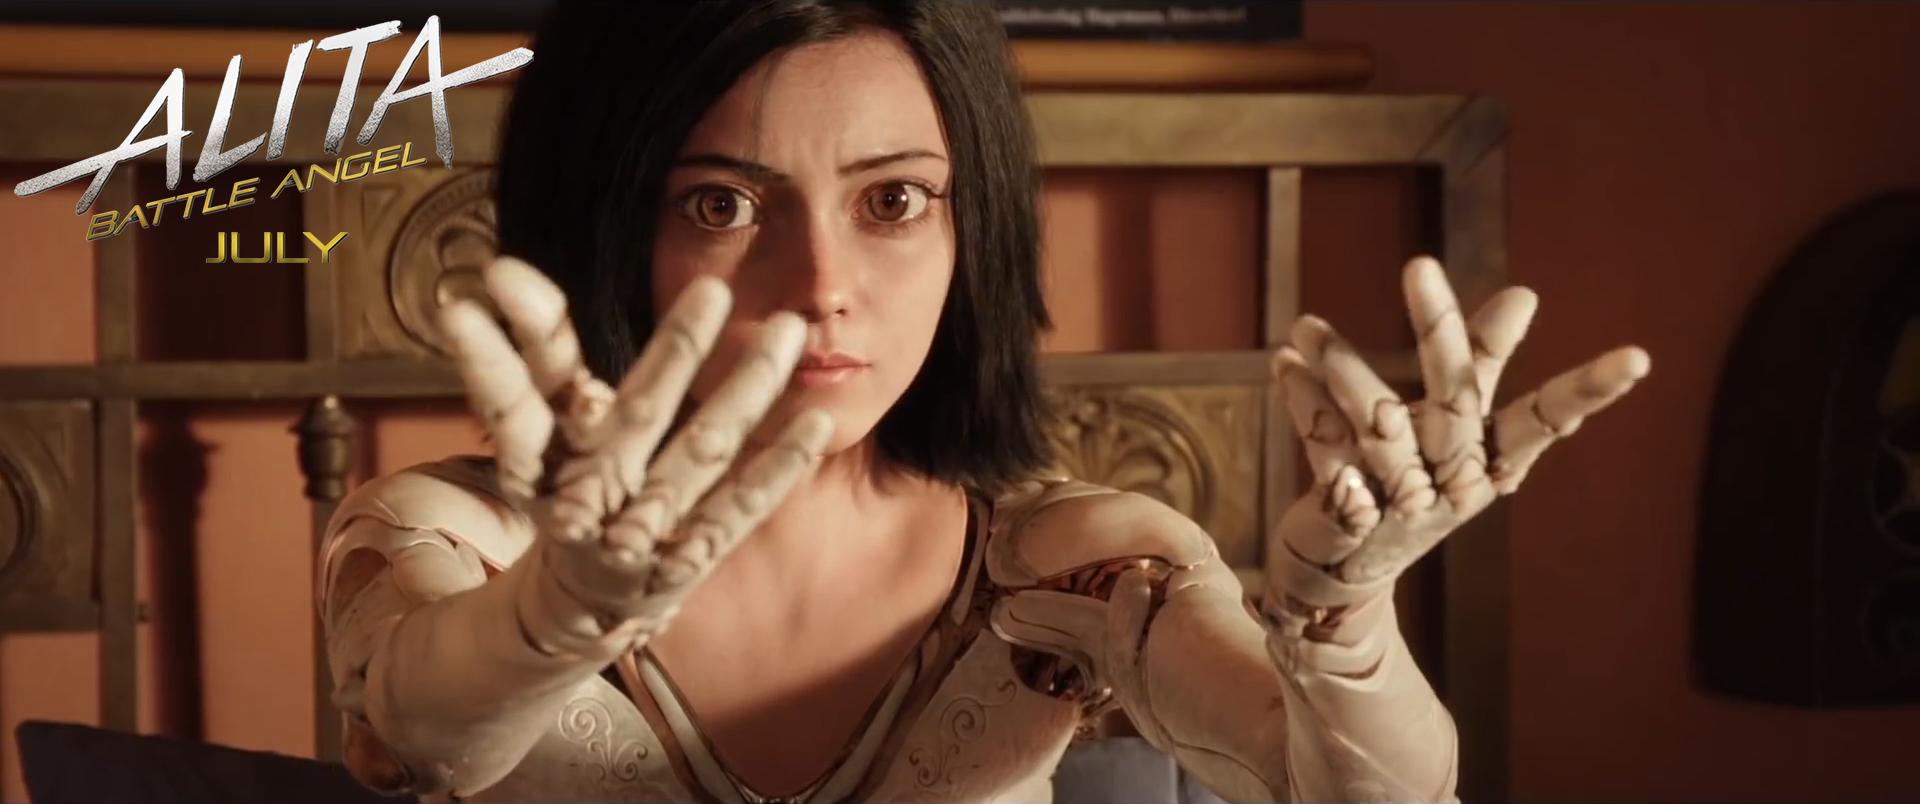 171210 - 雙導演「詹姆斯·卡麥隆×勞勃·羅里葛茲」合作『銃夢』真人電影版《艾莉塔:戰鬥天使》公開第一支預告片!